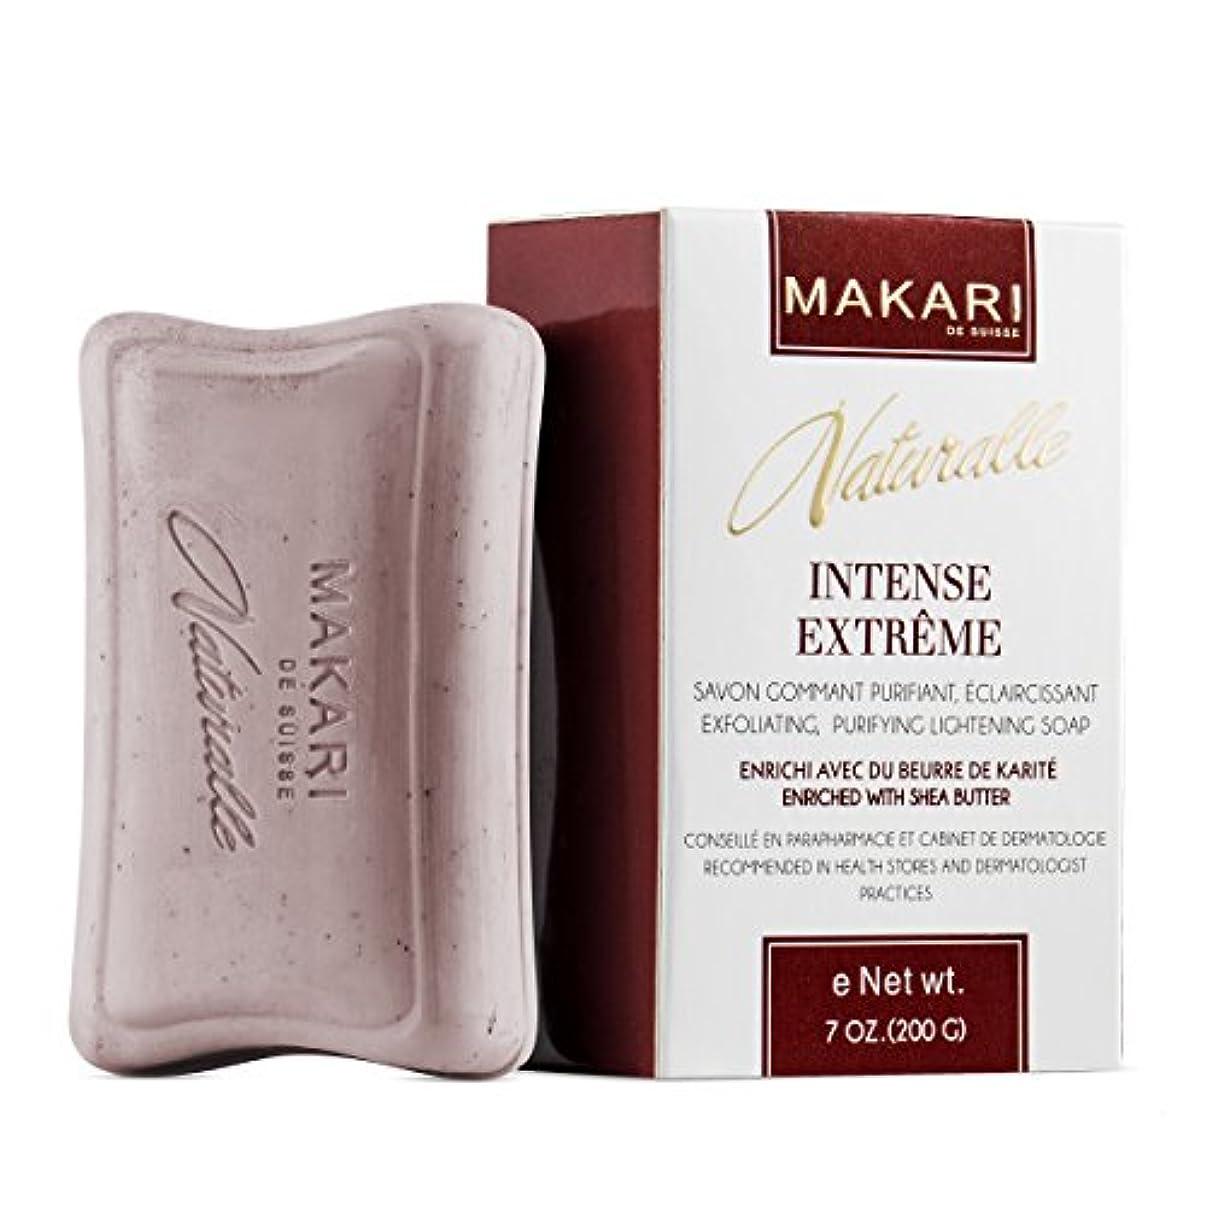 蛇行猛烈な胸MAKARI ナチュラーレ 集中強力美白ソープ 200g(7オンス)シアバター配合の角質除去&浄化&美白石鹸 SPF15 シミ、ニキビ跡、シワのためのアンチエイジングクレンジングトリートメント